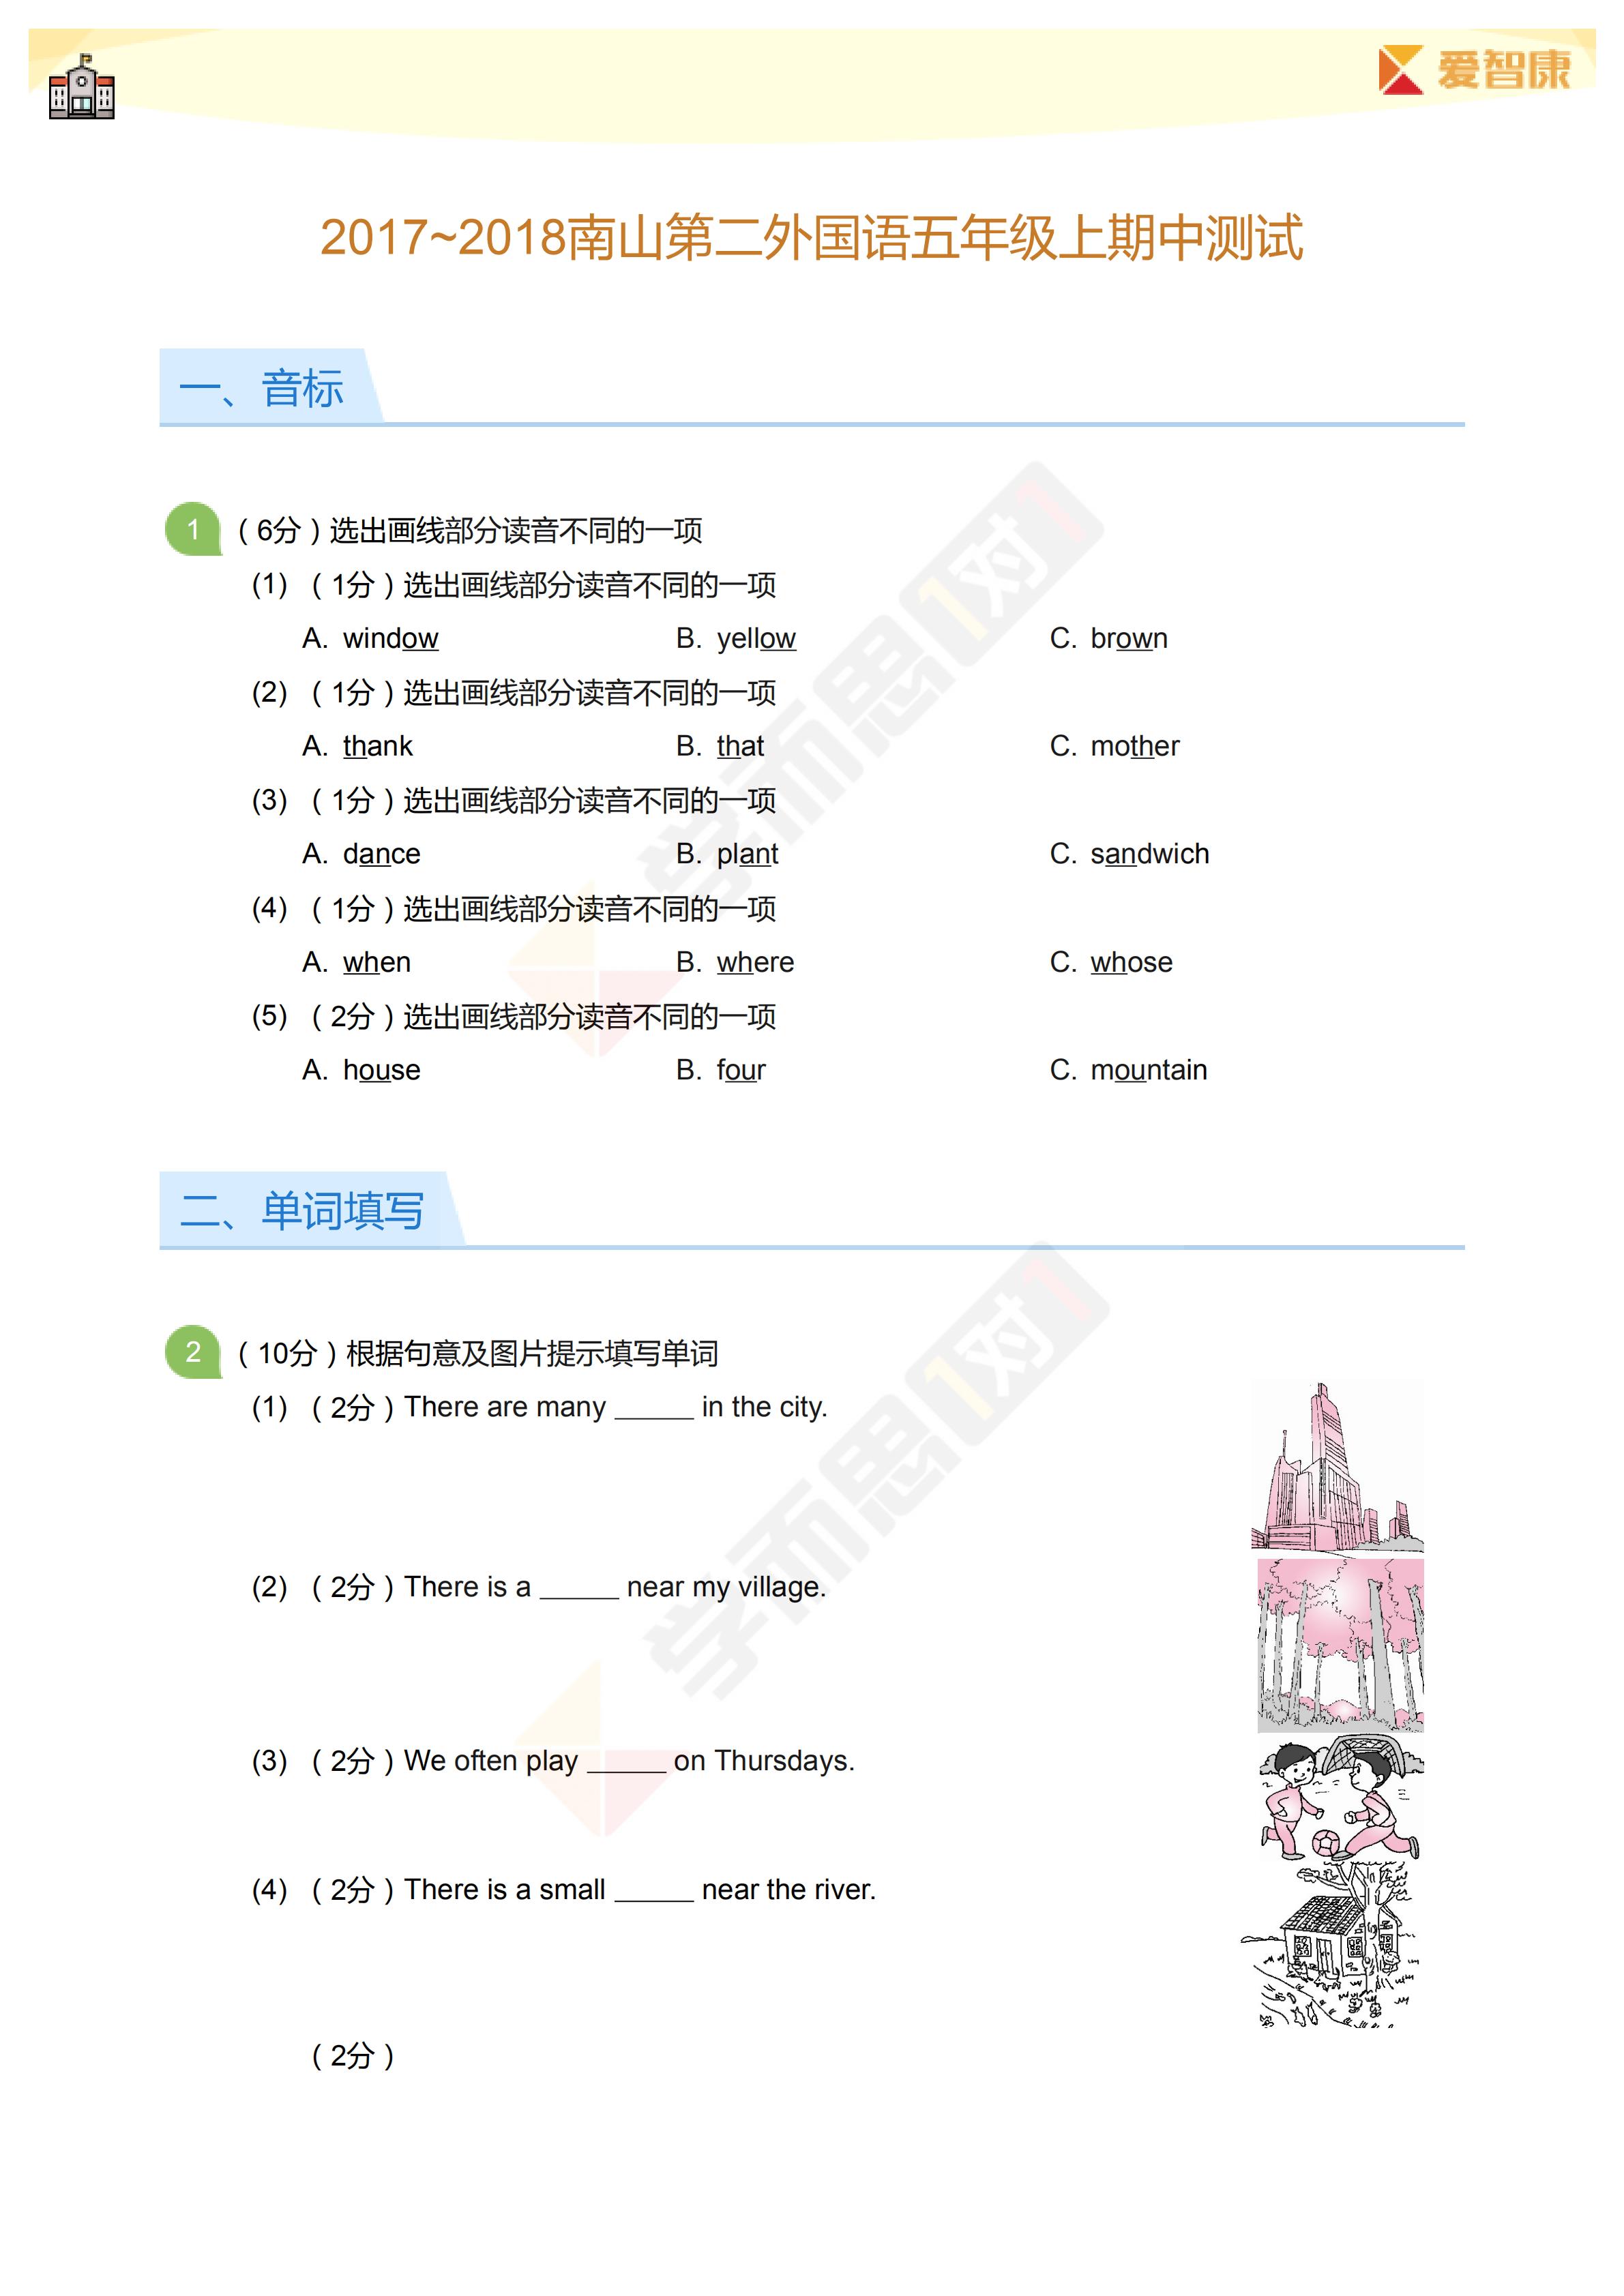 深圳南山第二外国语2018学年上学期期中考试小学五年级英语试卷及答案